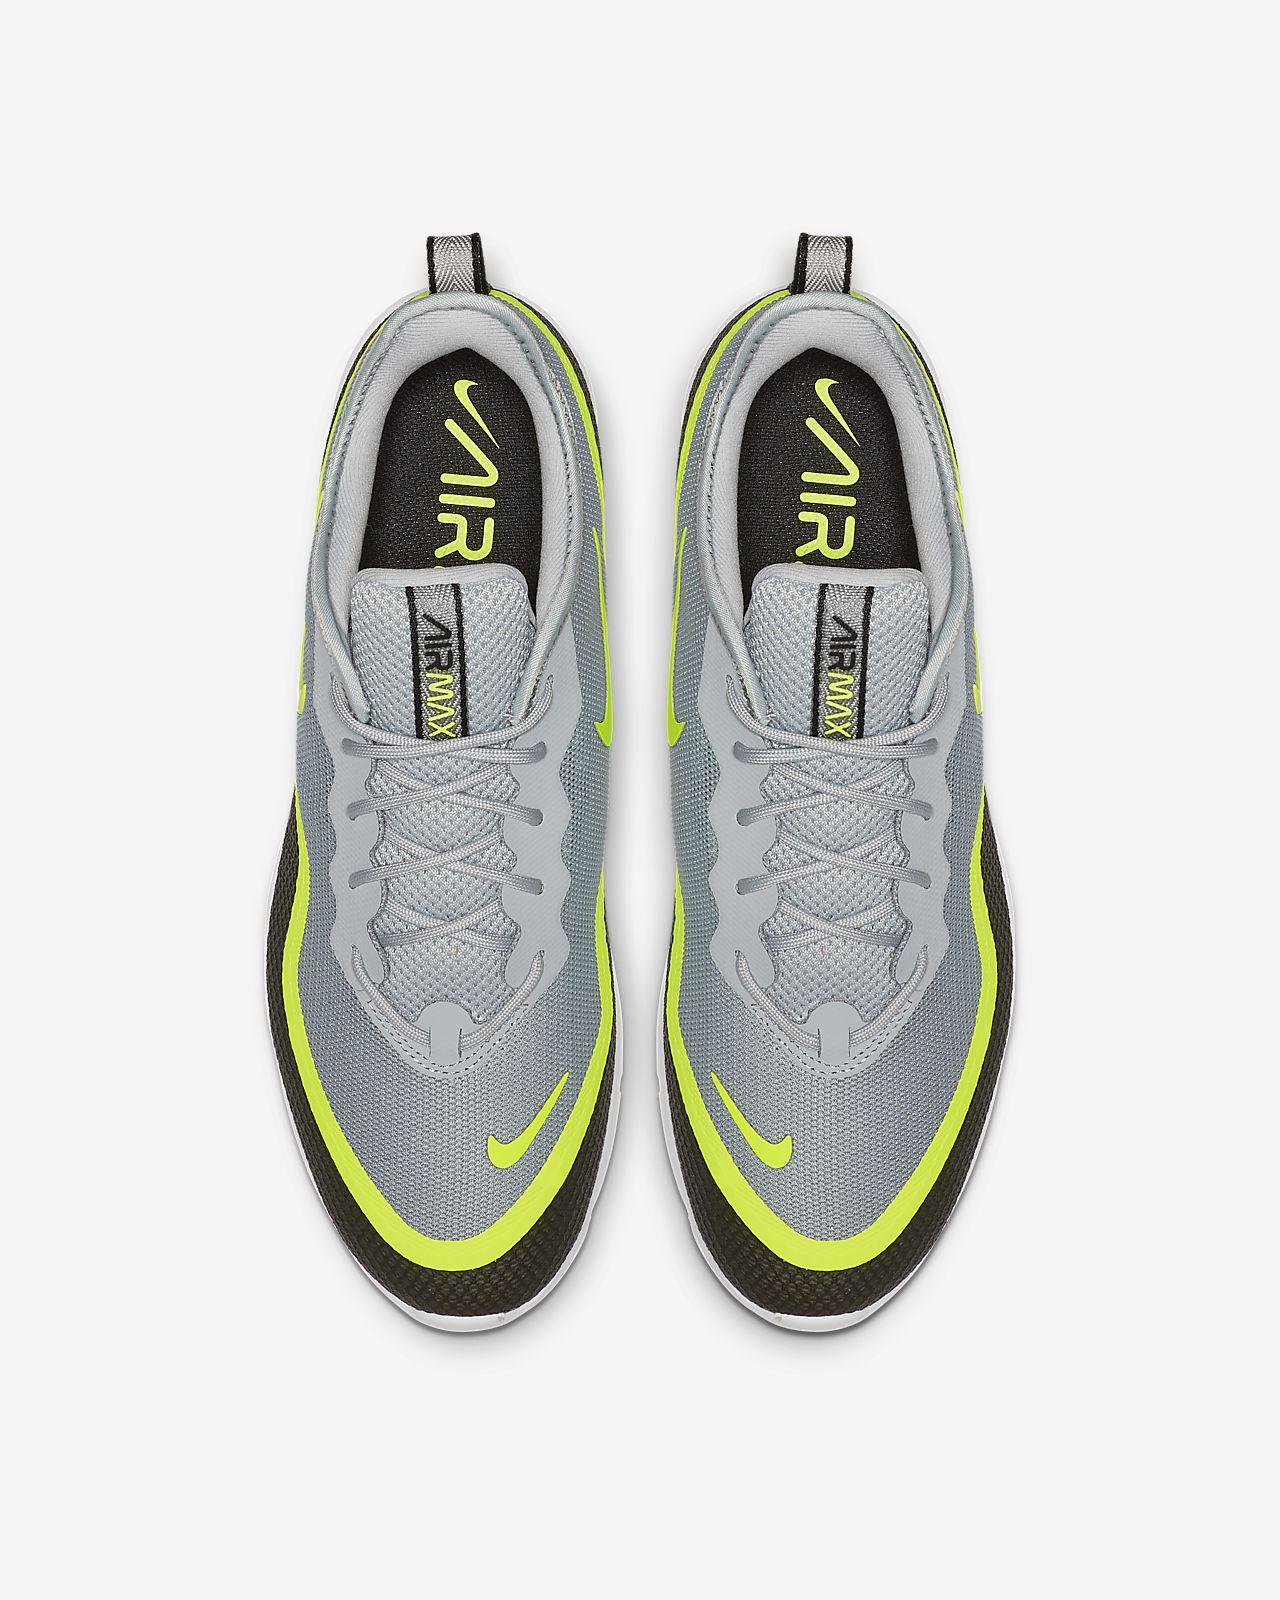 low priced 32e9e 64042 ... Sko Nike Air Max Sequent 4.5 SE för män